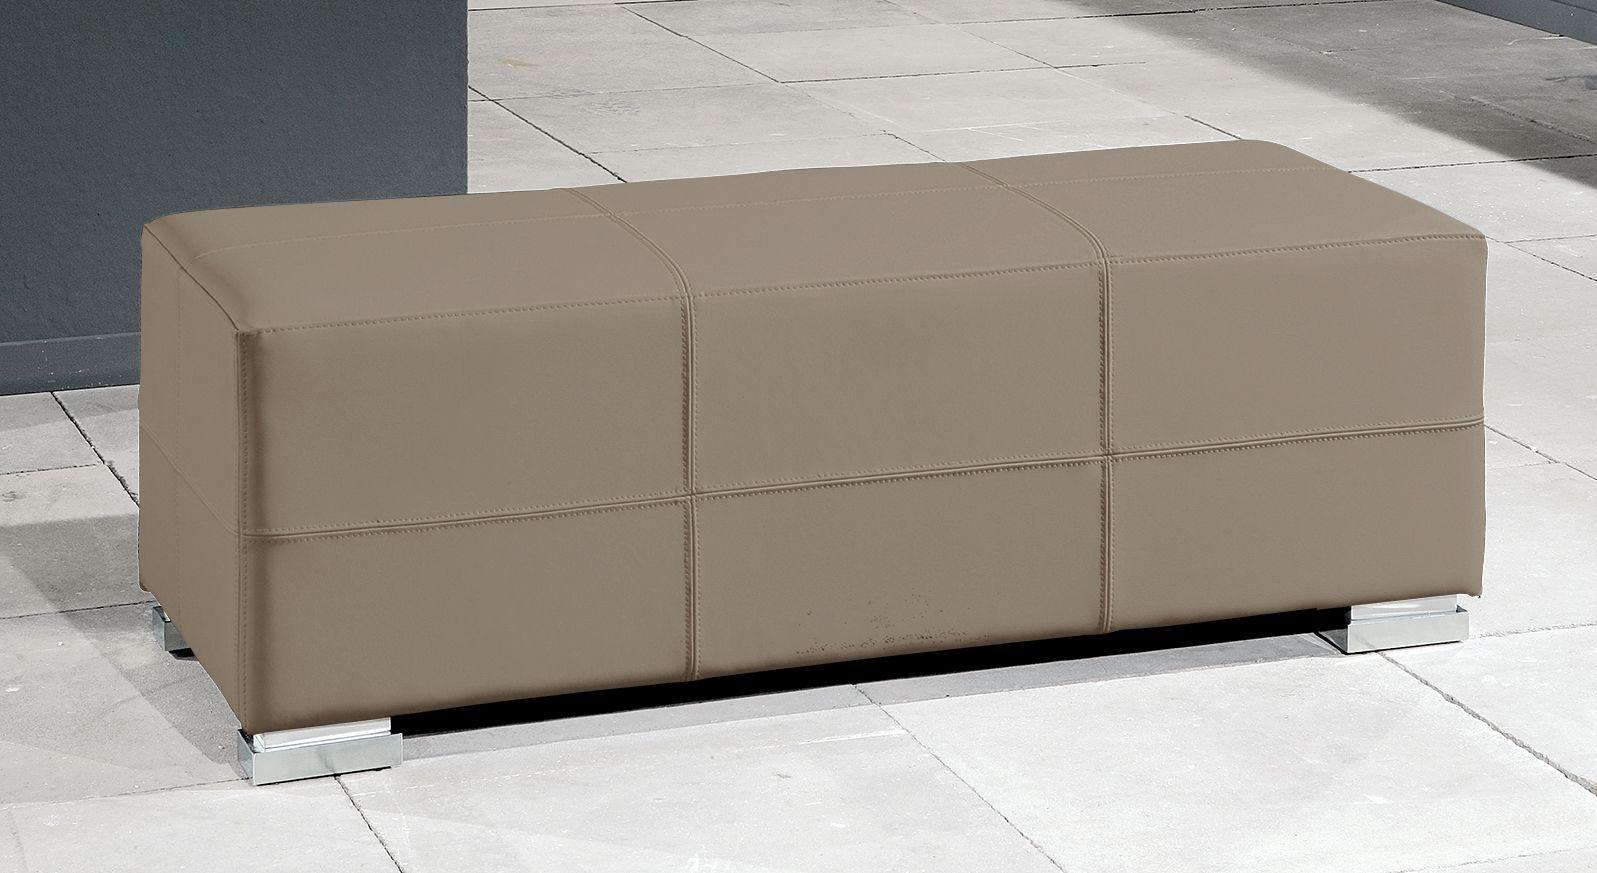 Moderne Bettbank Firenze in grau-braunem Kunstleder